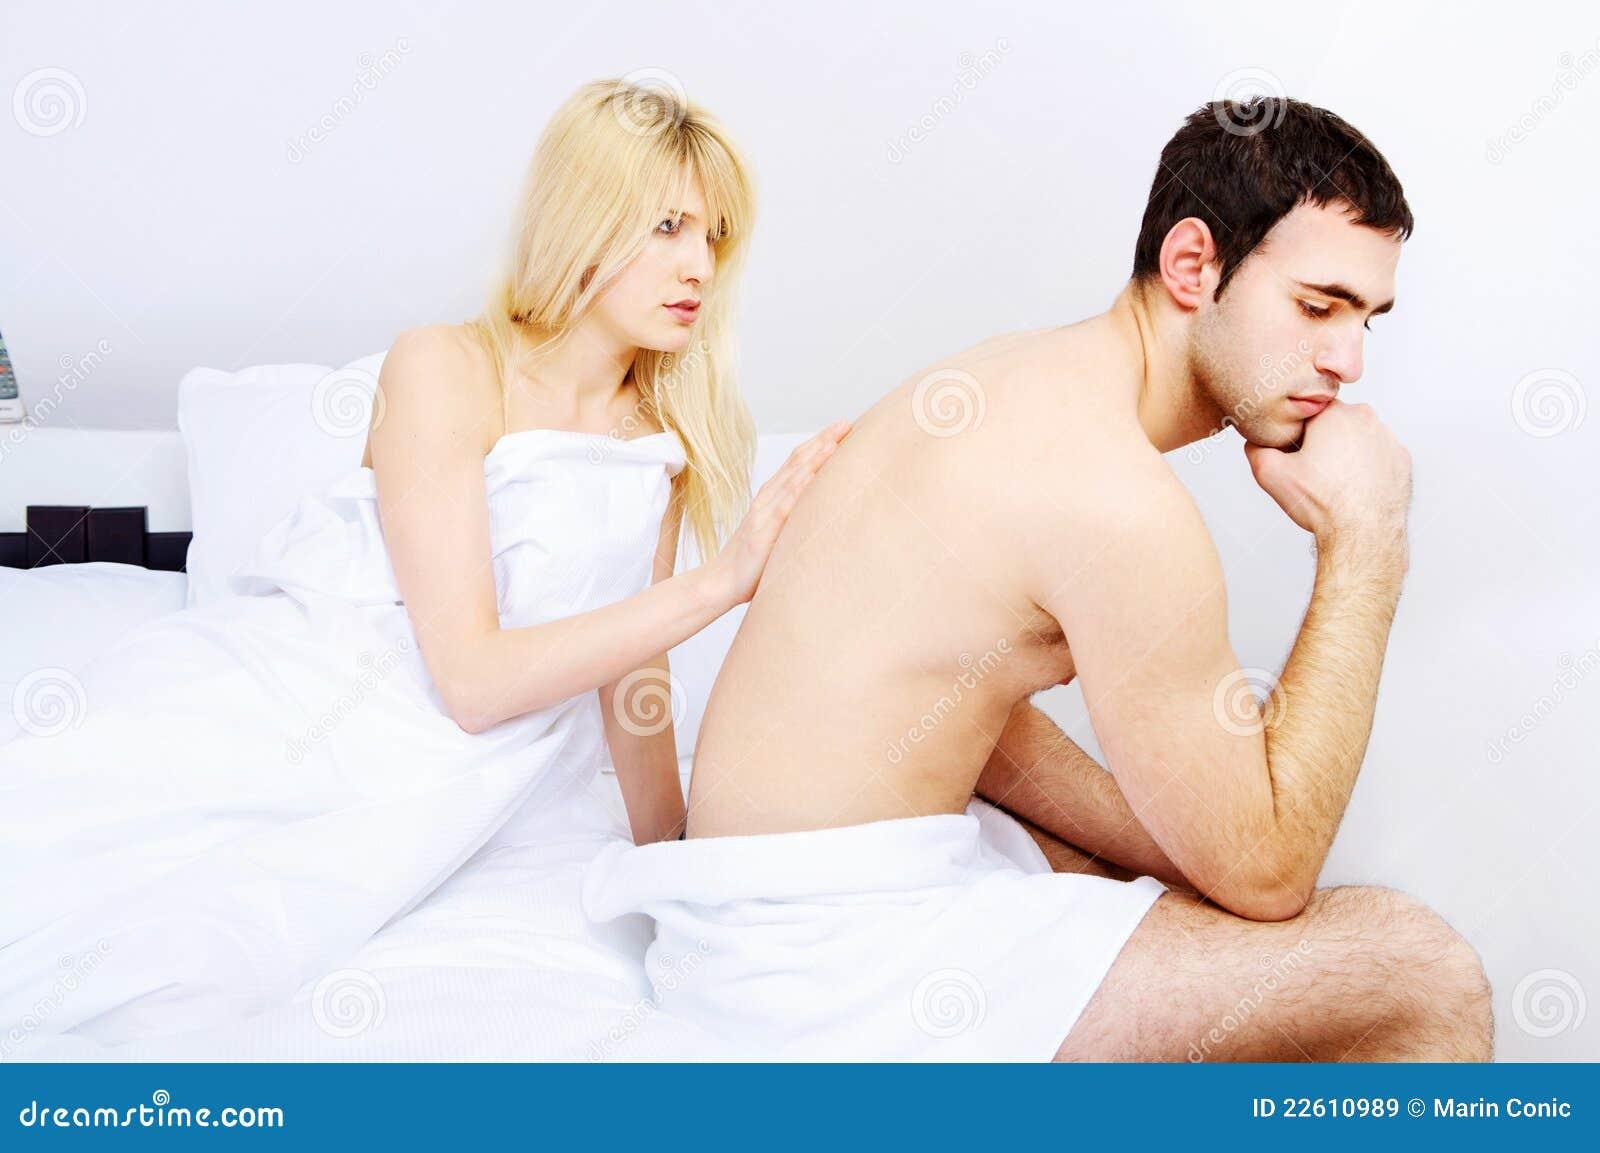 Смотреть секс в квартирах, Русское домашнее порно видео - частный русский секс 22 фотография